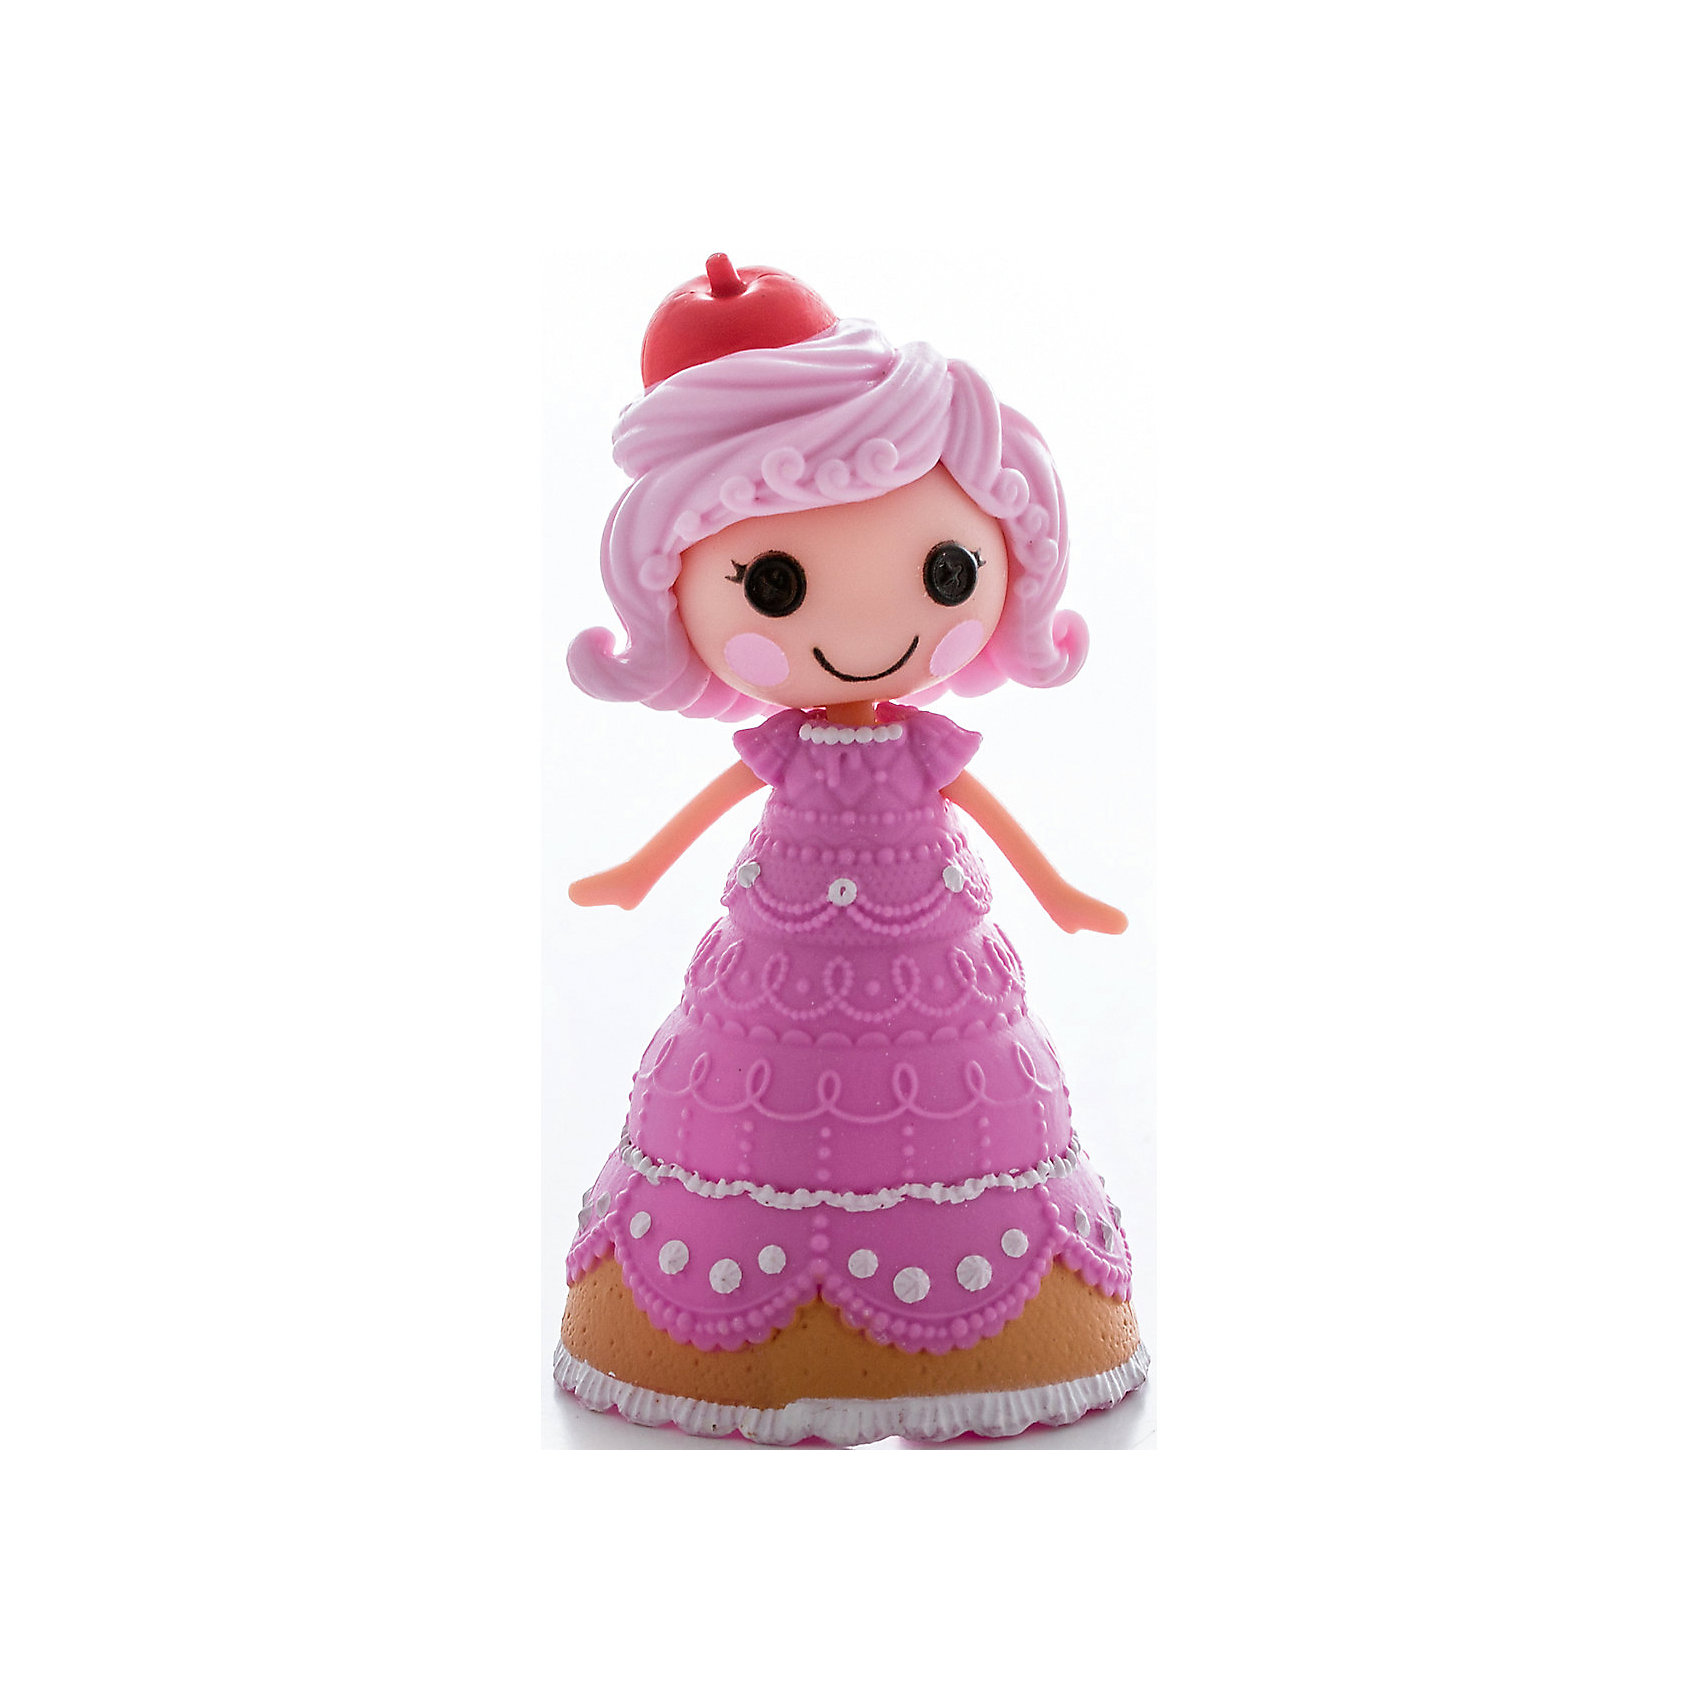 Кукла Кондитерская, Мини-ЛалалупсиПопулярные игрушки<br>Характеристики товара:<br><br>- цвет: разноцветный;<br>- материал: пластик;<br>- подвижные части тела;<br>- комплектация: кукла, аксессуары;<br>- размер упаковки: 18х14х4 см.<br>- размер куклы: 7,5 см.<br><br>Эти симпатичные куклы Мини-Лалалупси от известного бренда не оставят девочку равнодушной! Какая девочка сможет отказаться поиграть с куклами, которых можно переодевать и менять им прически благодаря набору аксессуаров?! В комплект входят наряды, аксессуары, обувь и парики. Игрушка очень качественно выполнена, поэтому она станет замечательным подарком ребенку. <br>Продается набор в красивой удобной упаковке. Изделие произведено из высококачественного материала, безопасного для детей.<br><br>Куклу Кондитерская, Мини-Лалалупси, можно купить в нашем интернет-магазине.<br><br>Ширина мм: 200<br>Глубина мм: 210<br>Высота мм: 60<br>Вес г: 163<br>Возраст от месяцев: 36<br>Возраст до месяцев: 2147483647<br>Пол: Женский<br>Возраст: Детский<br>SKU: 5140220